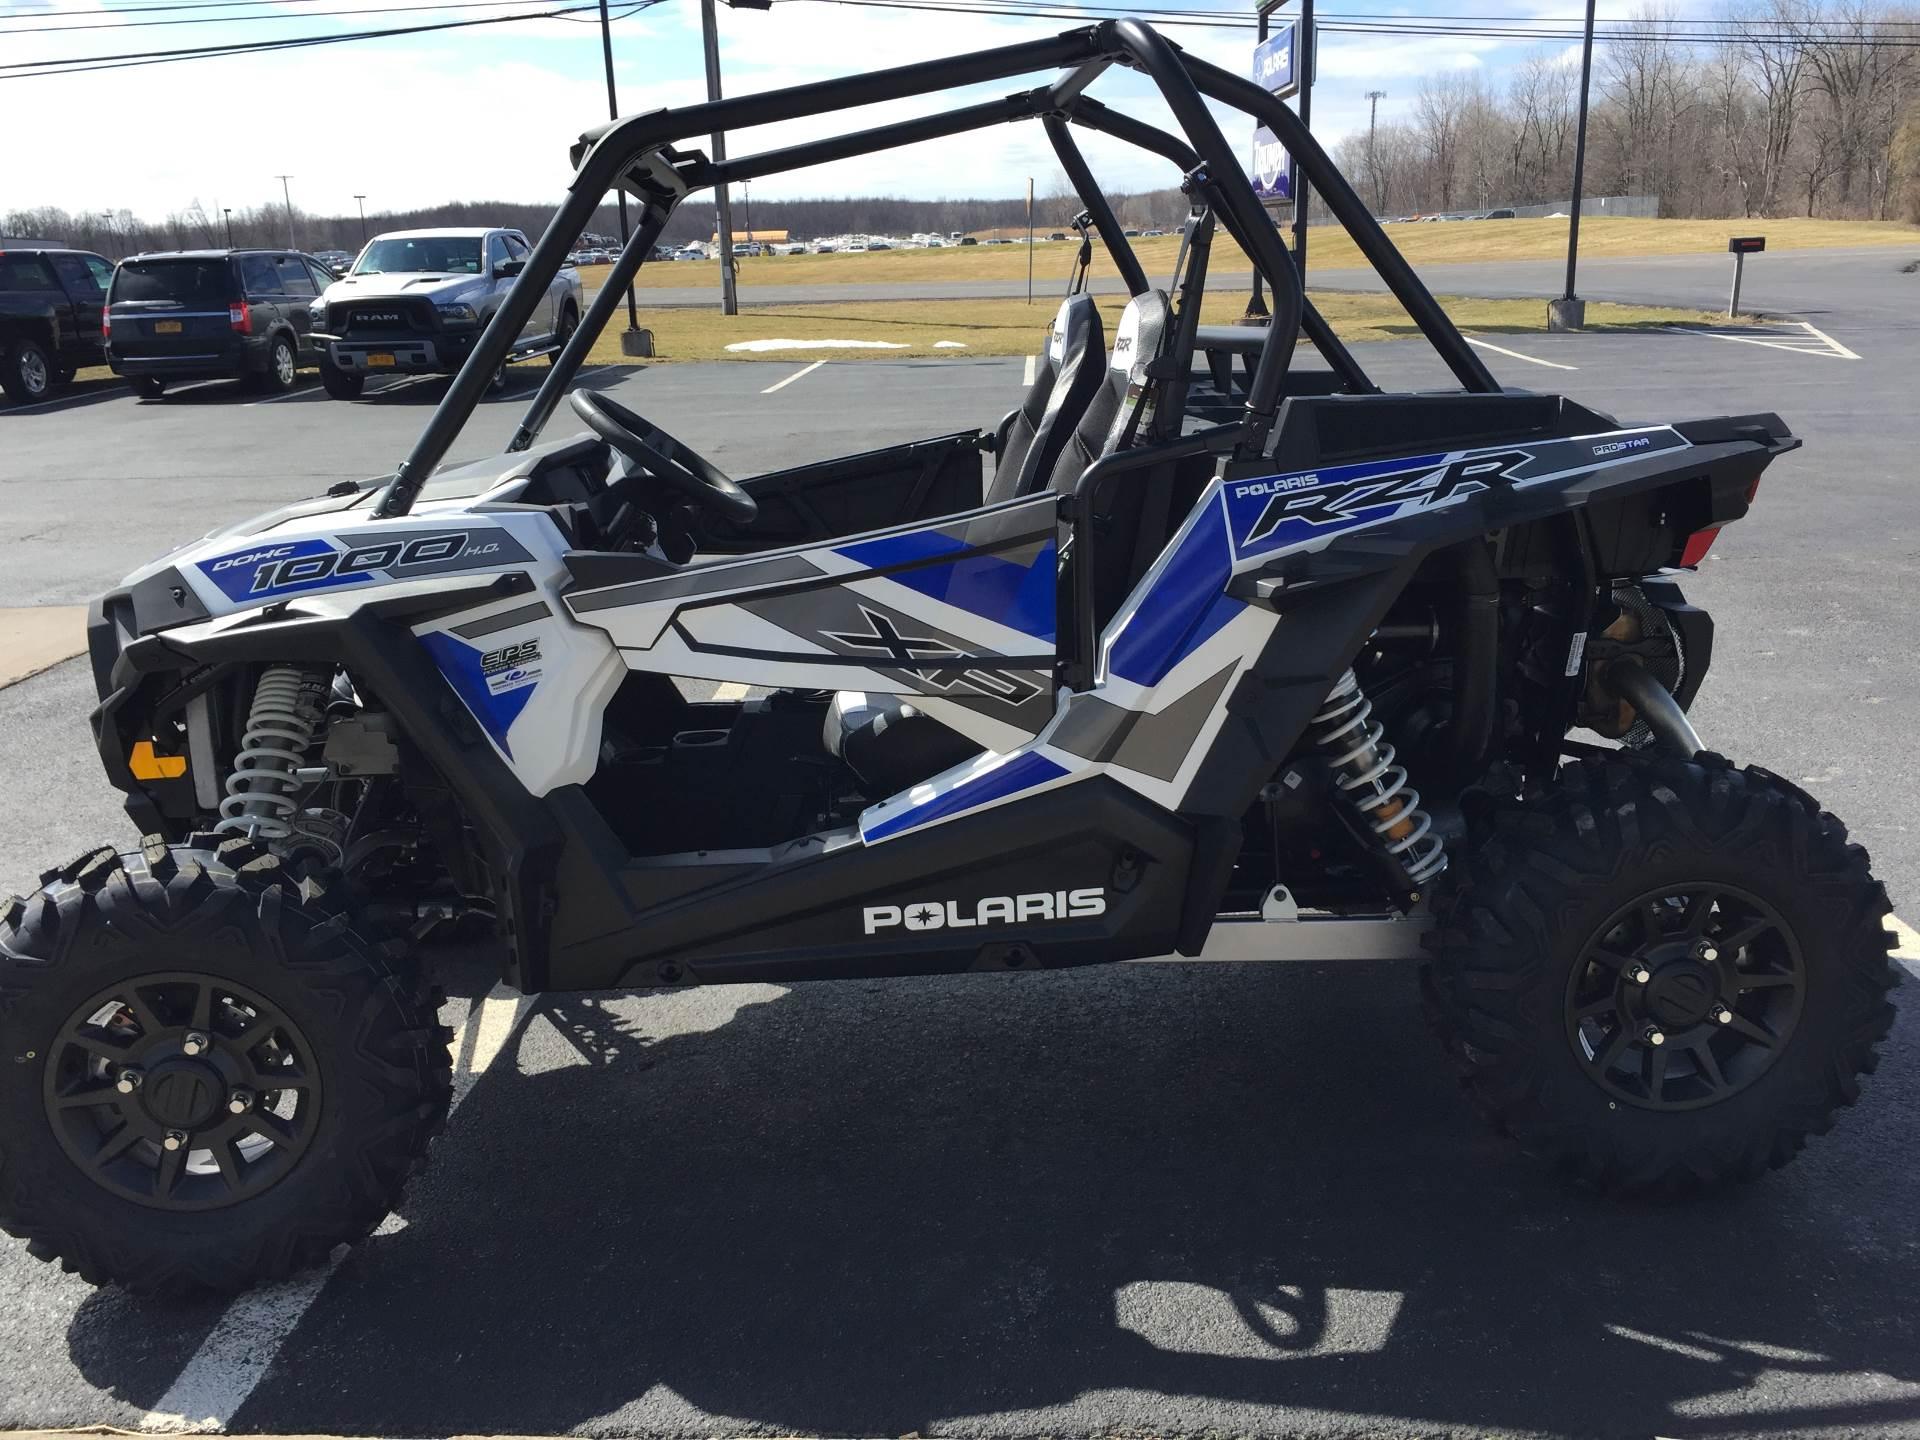 2017 Polaris RZR XP 1000 EPS 2